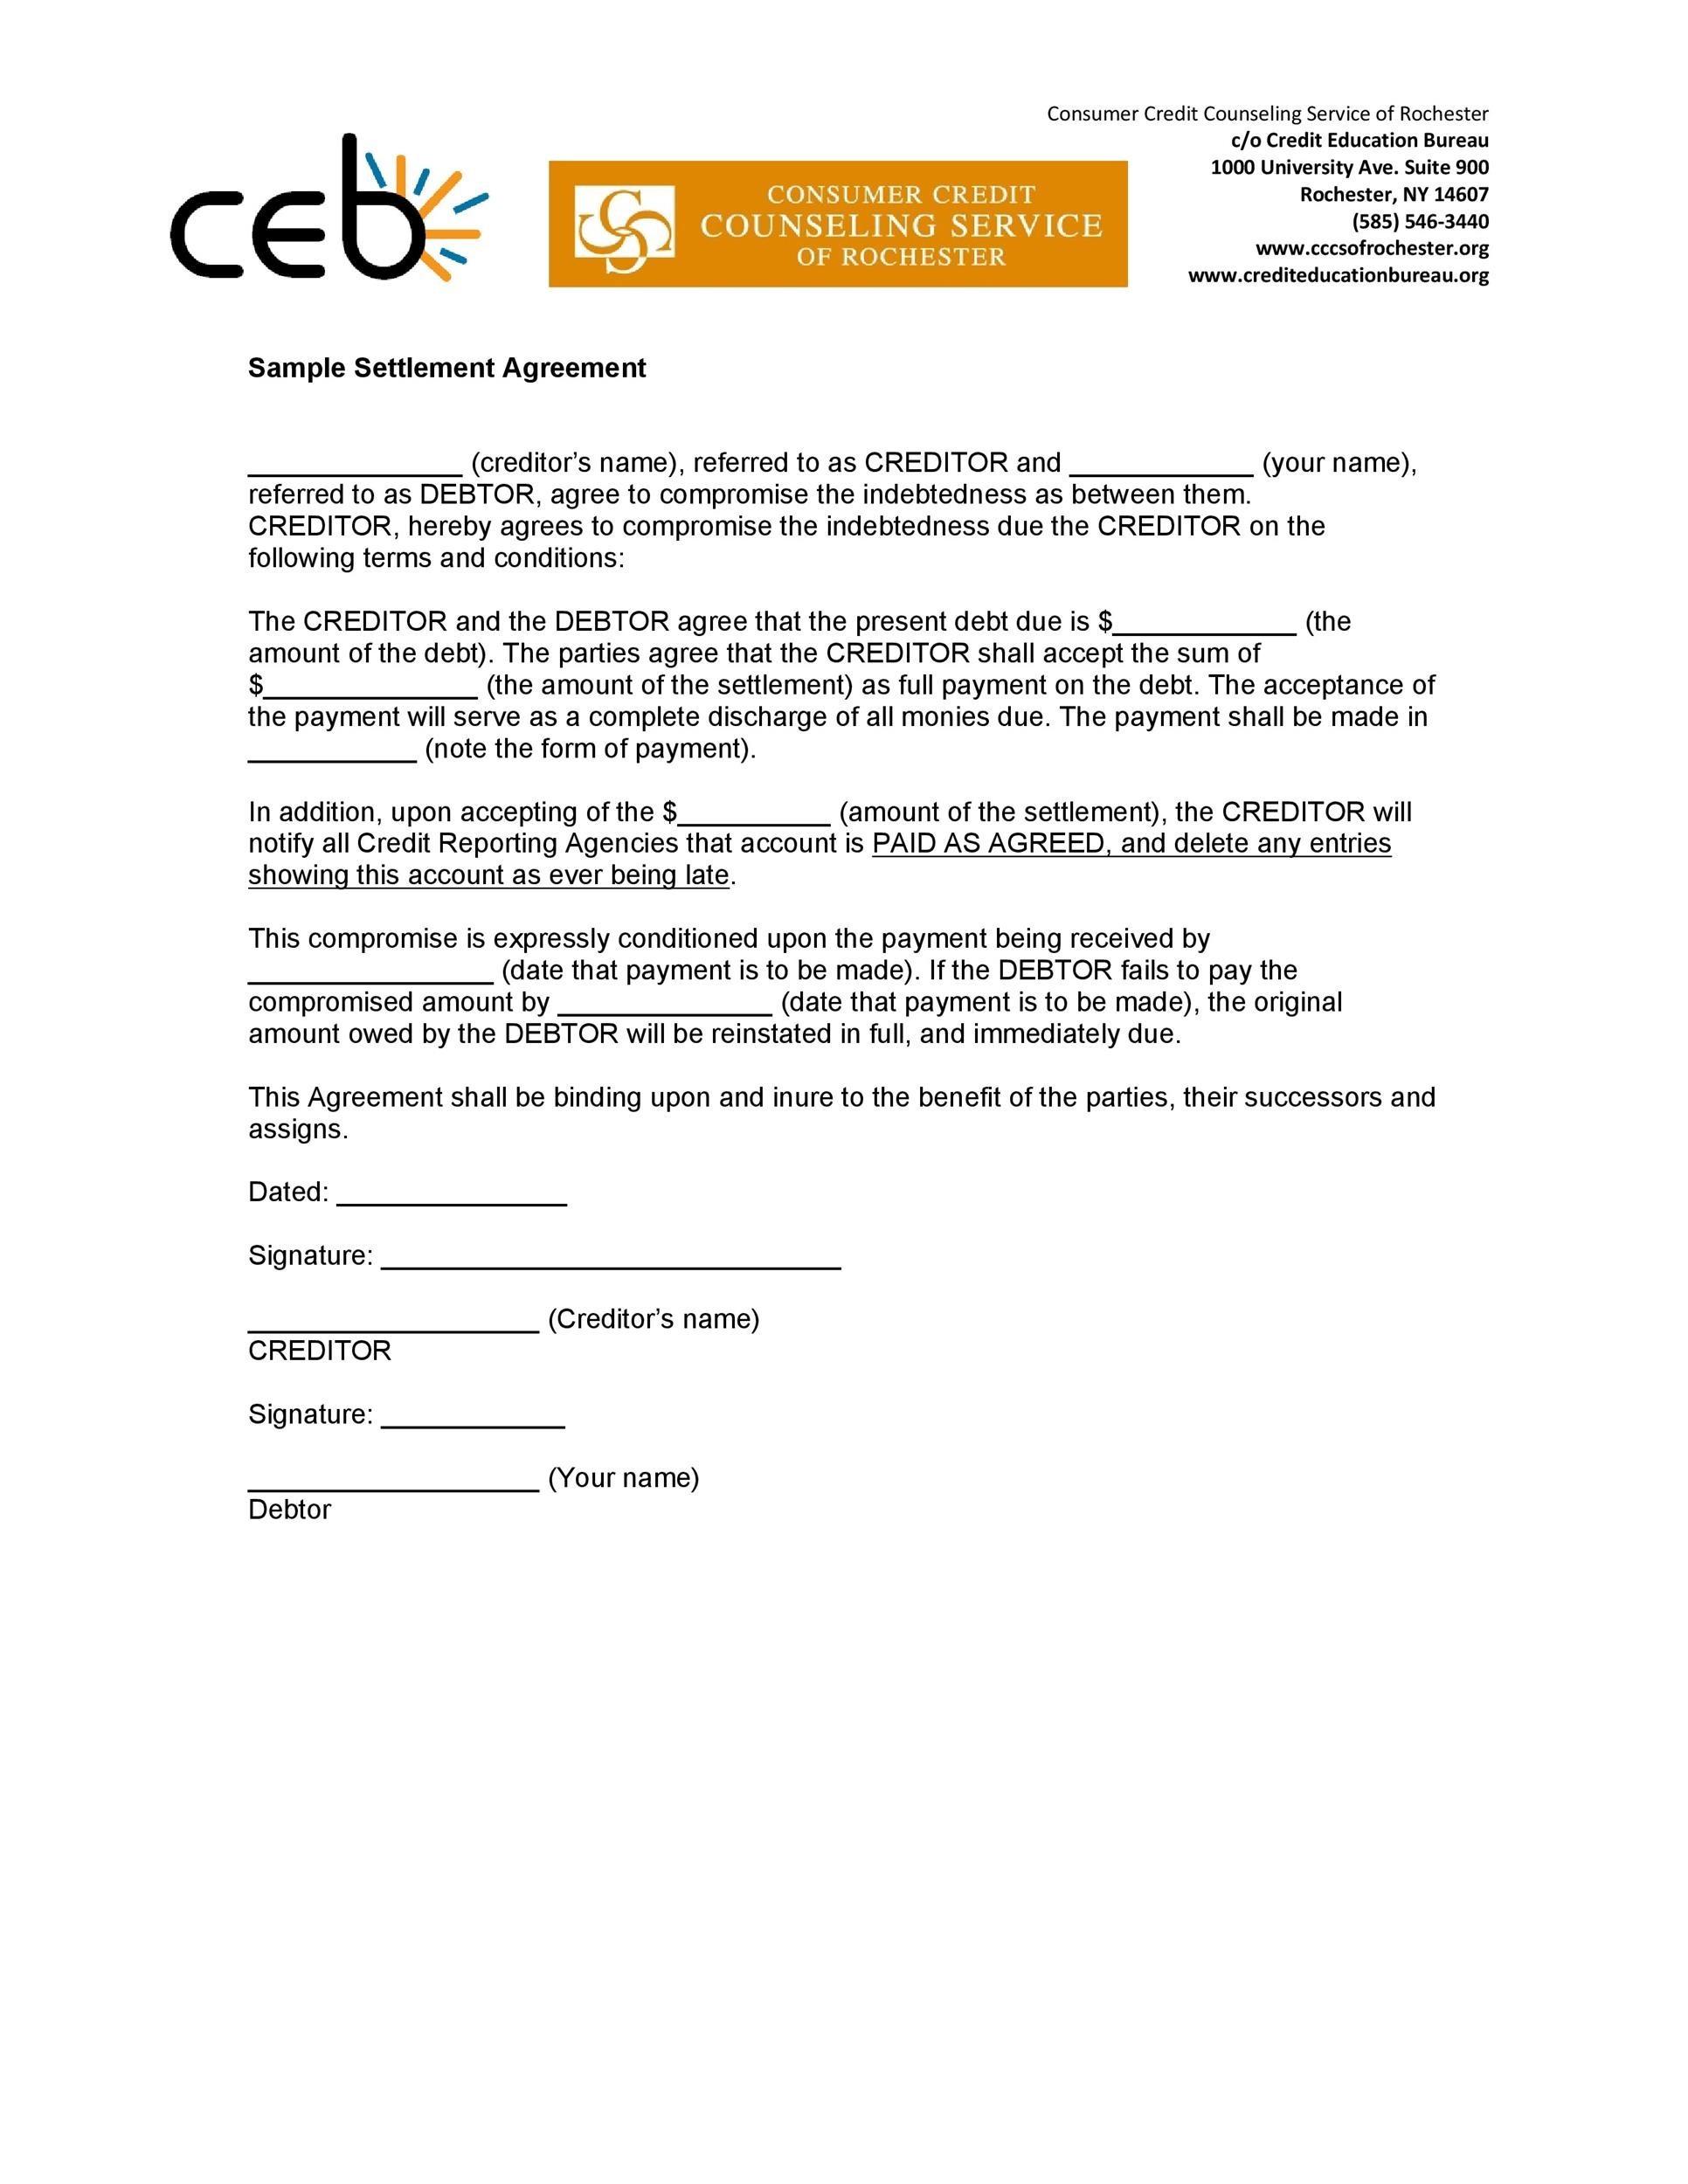 Free settlement agreement 31